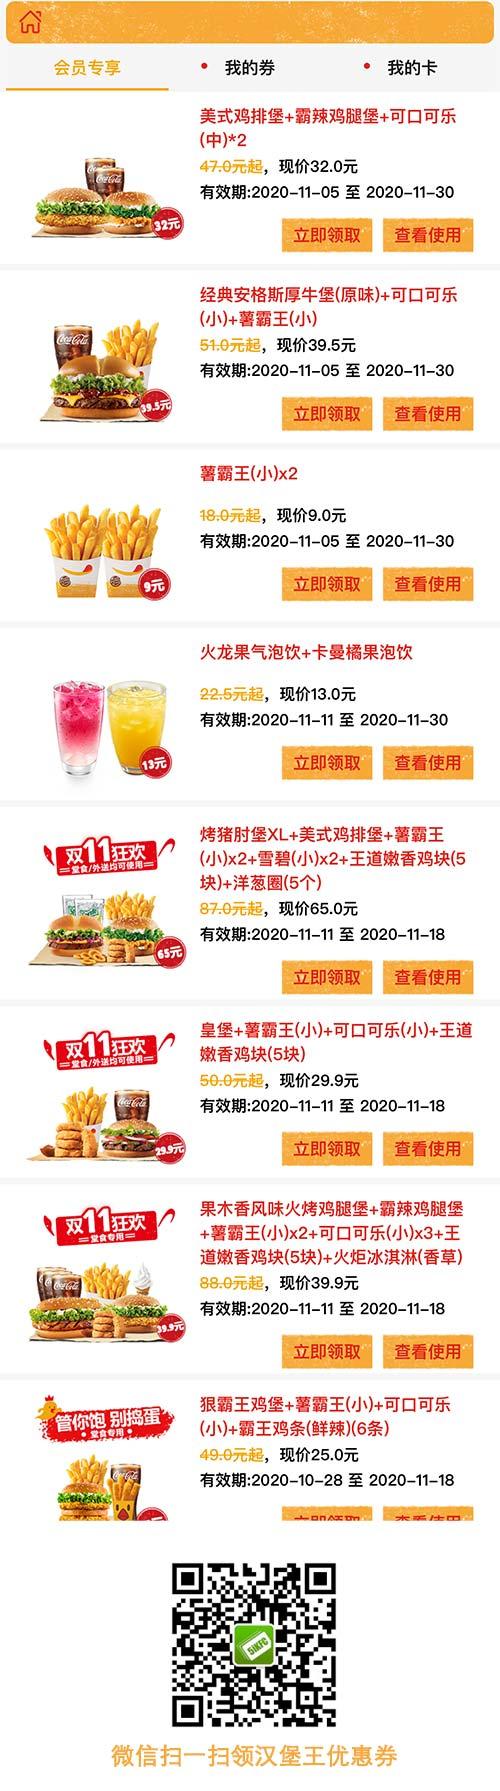 汉堡王2020年11月优惠券 双人套餐39.9元 小薯条2份9元